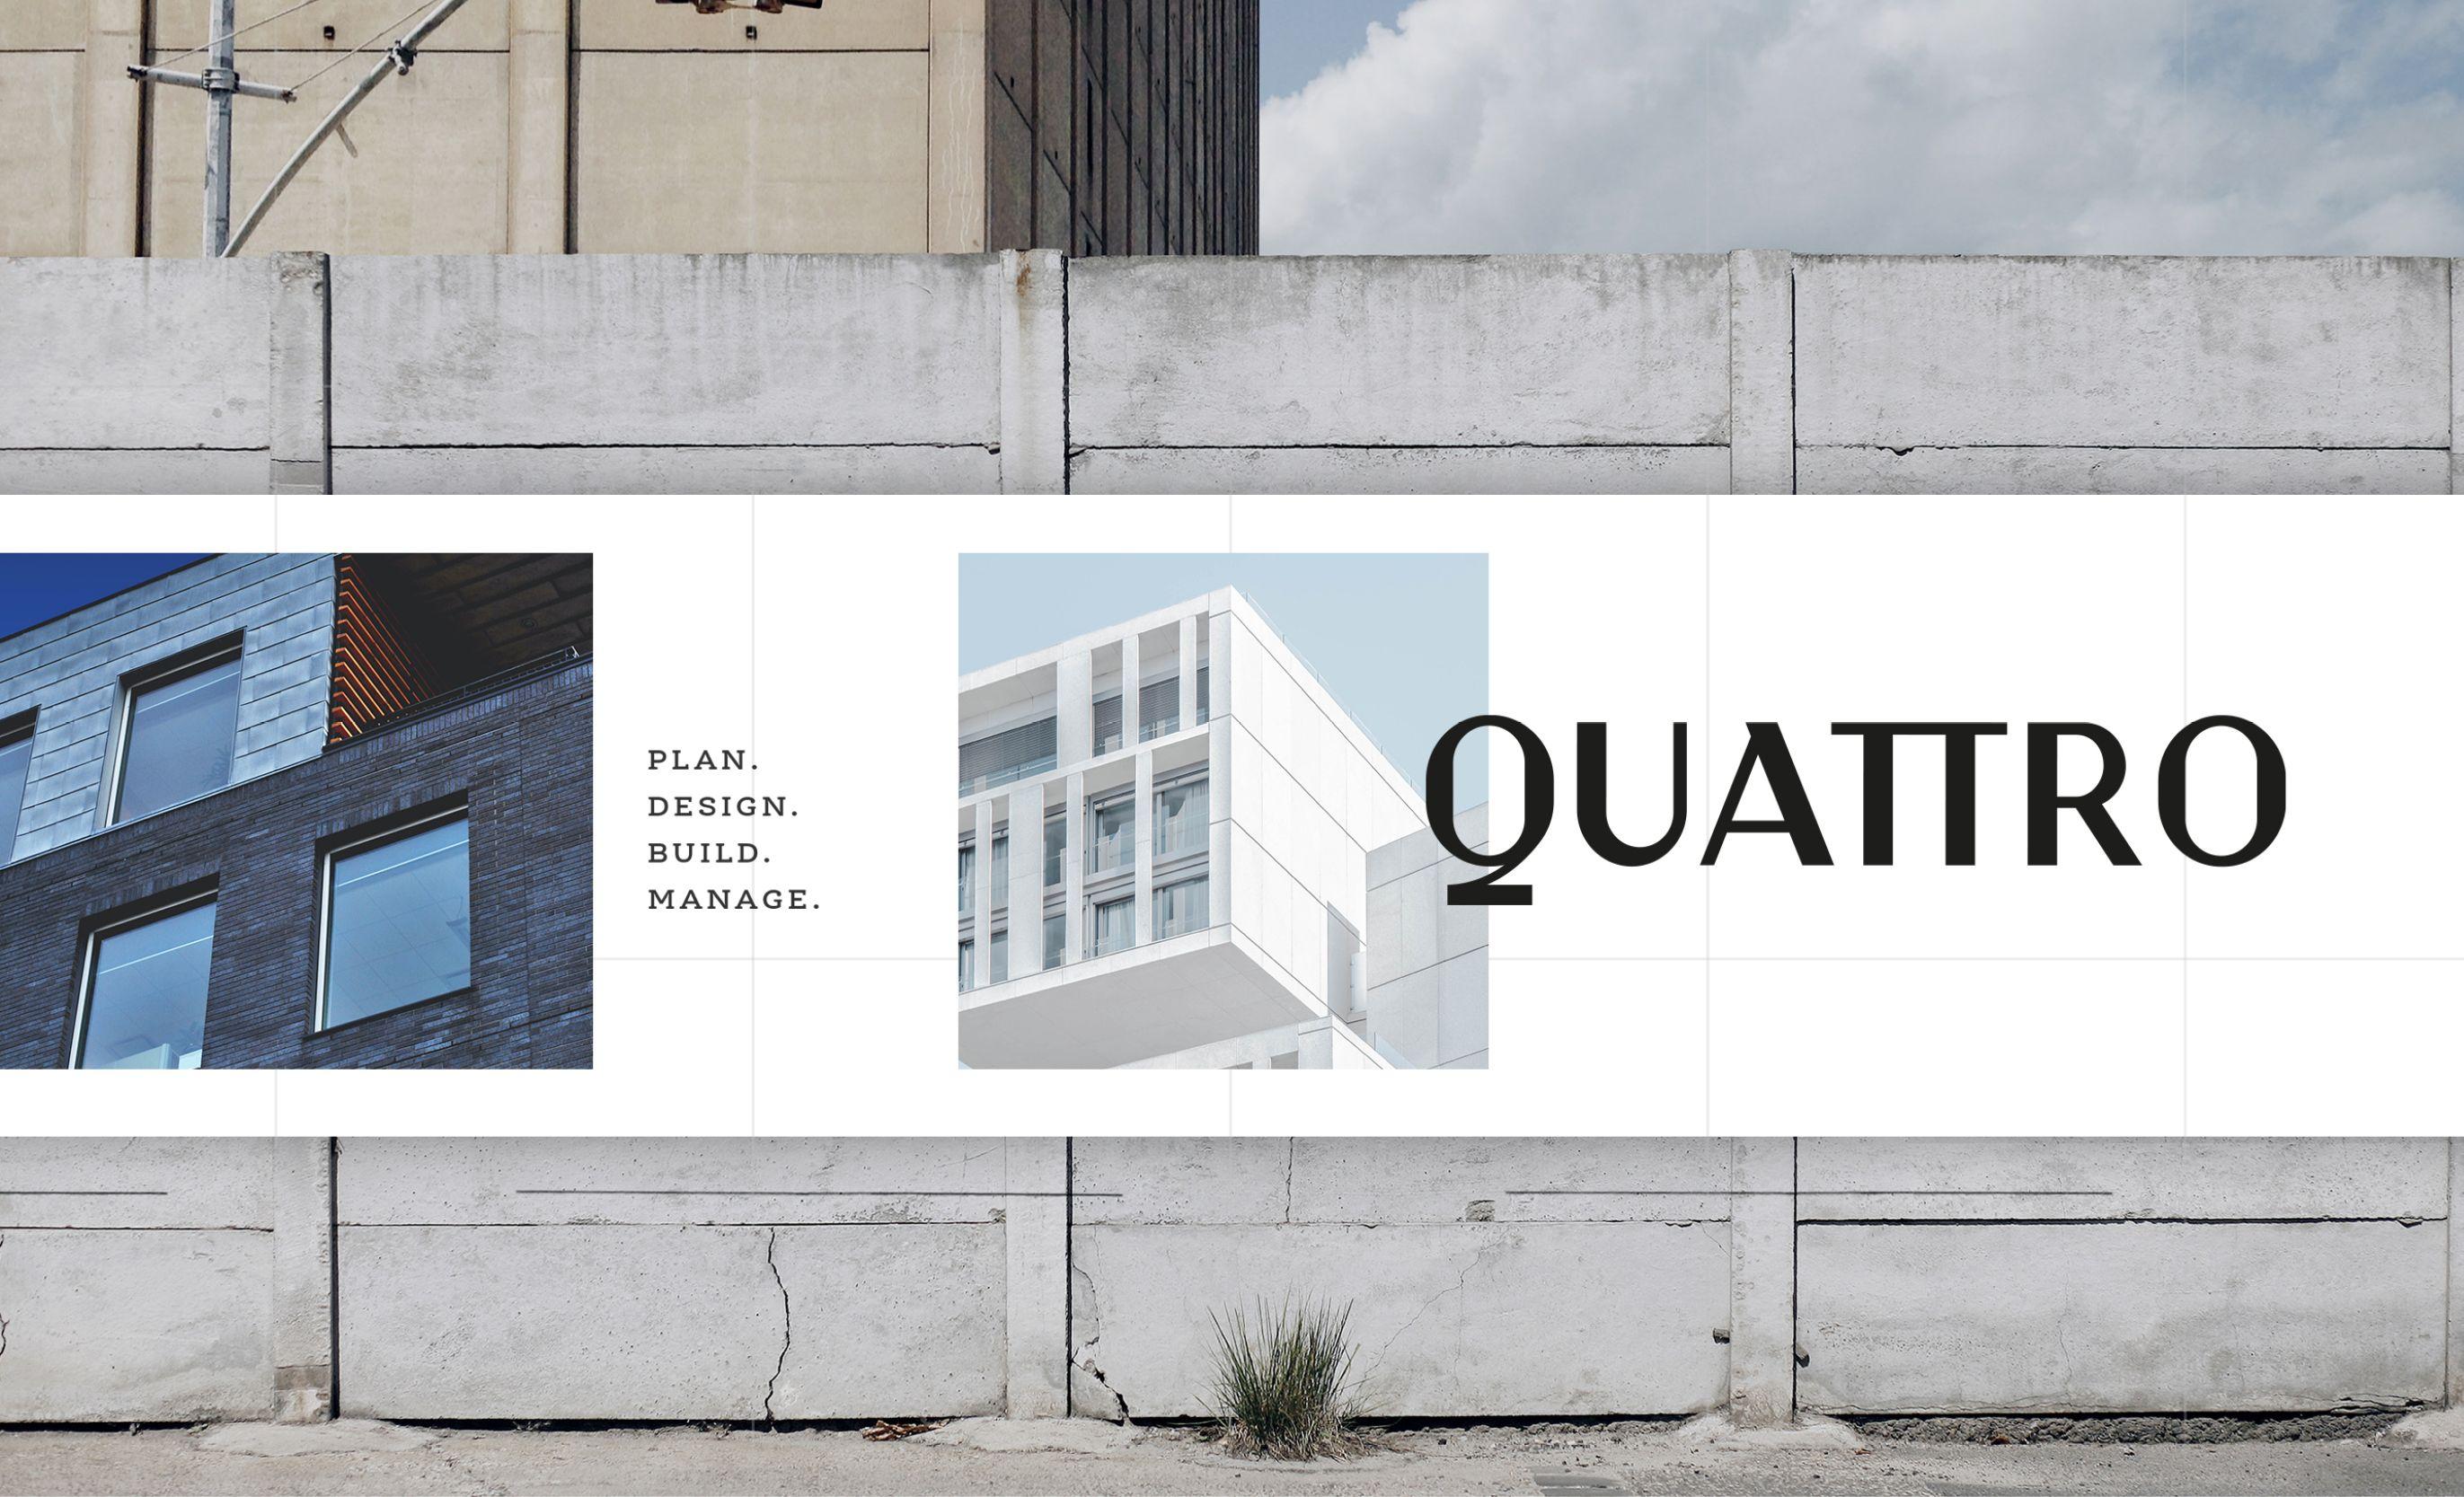 Quattro ad on concrete wall